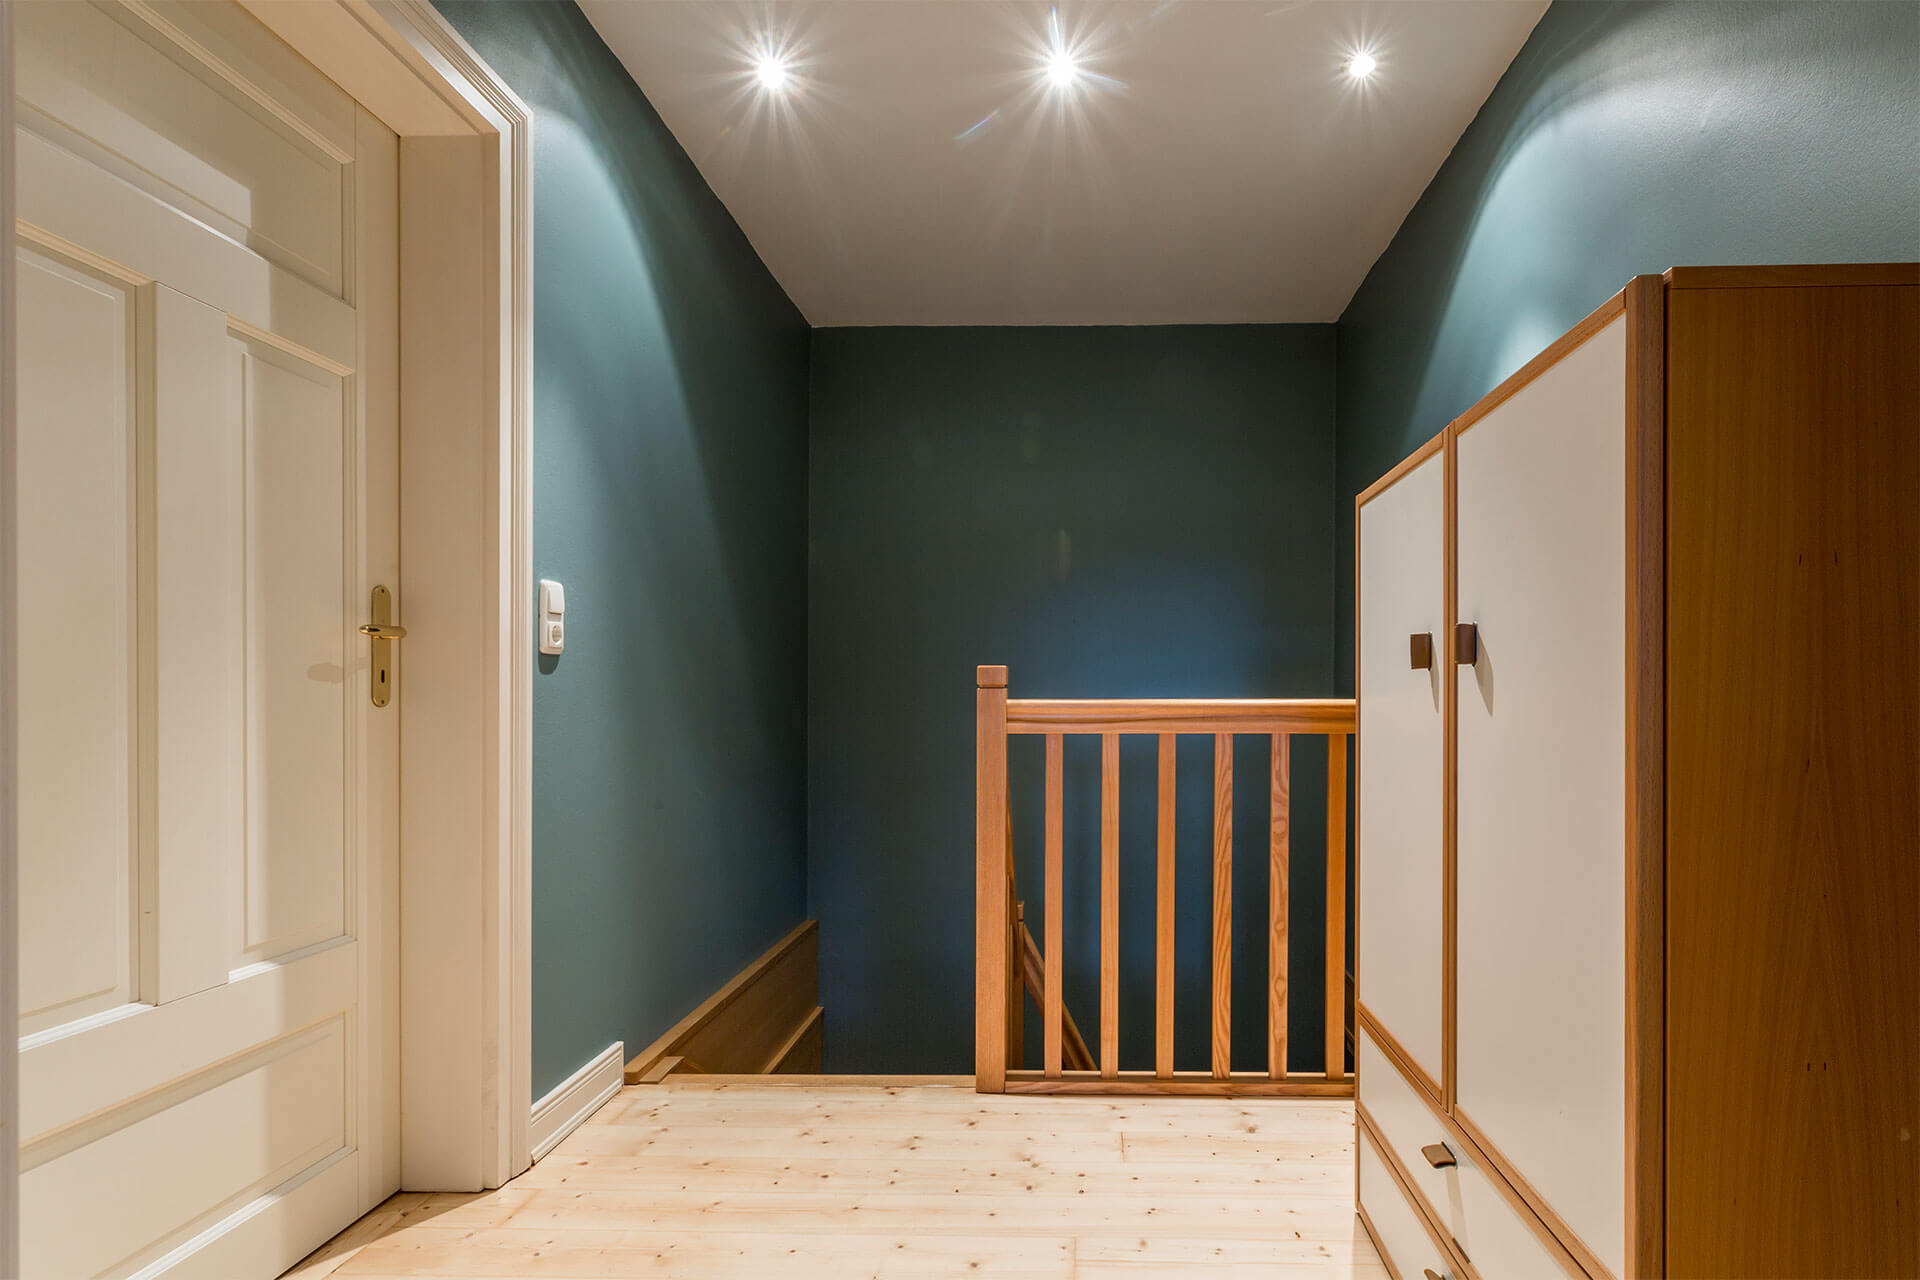 Der Flur mit Treppe nach unten und Tür zum Schlafzimmer. Ein Schrank.